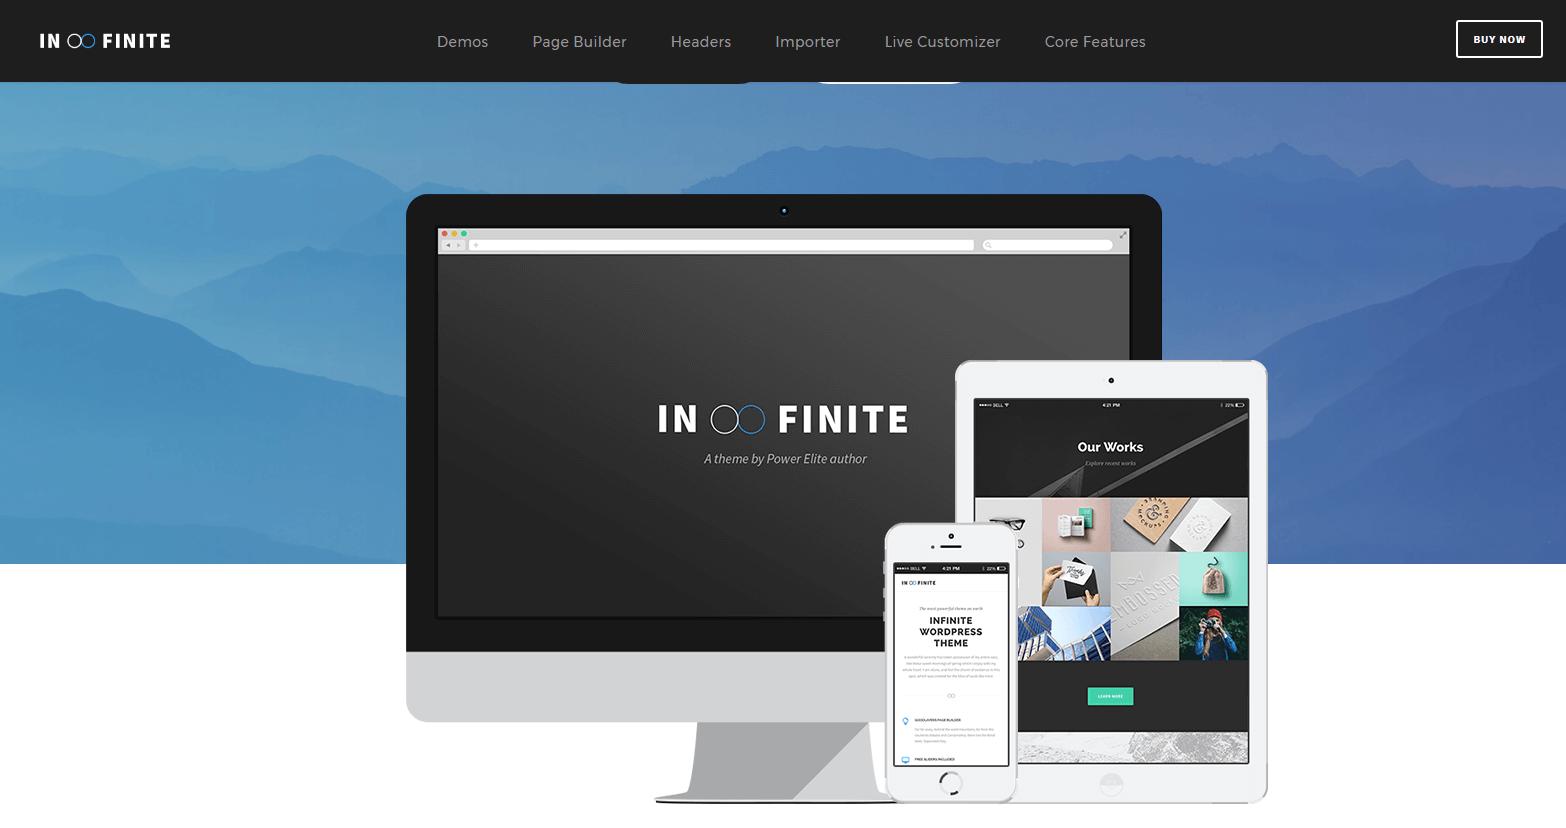 Infinite WordPress Theme